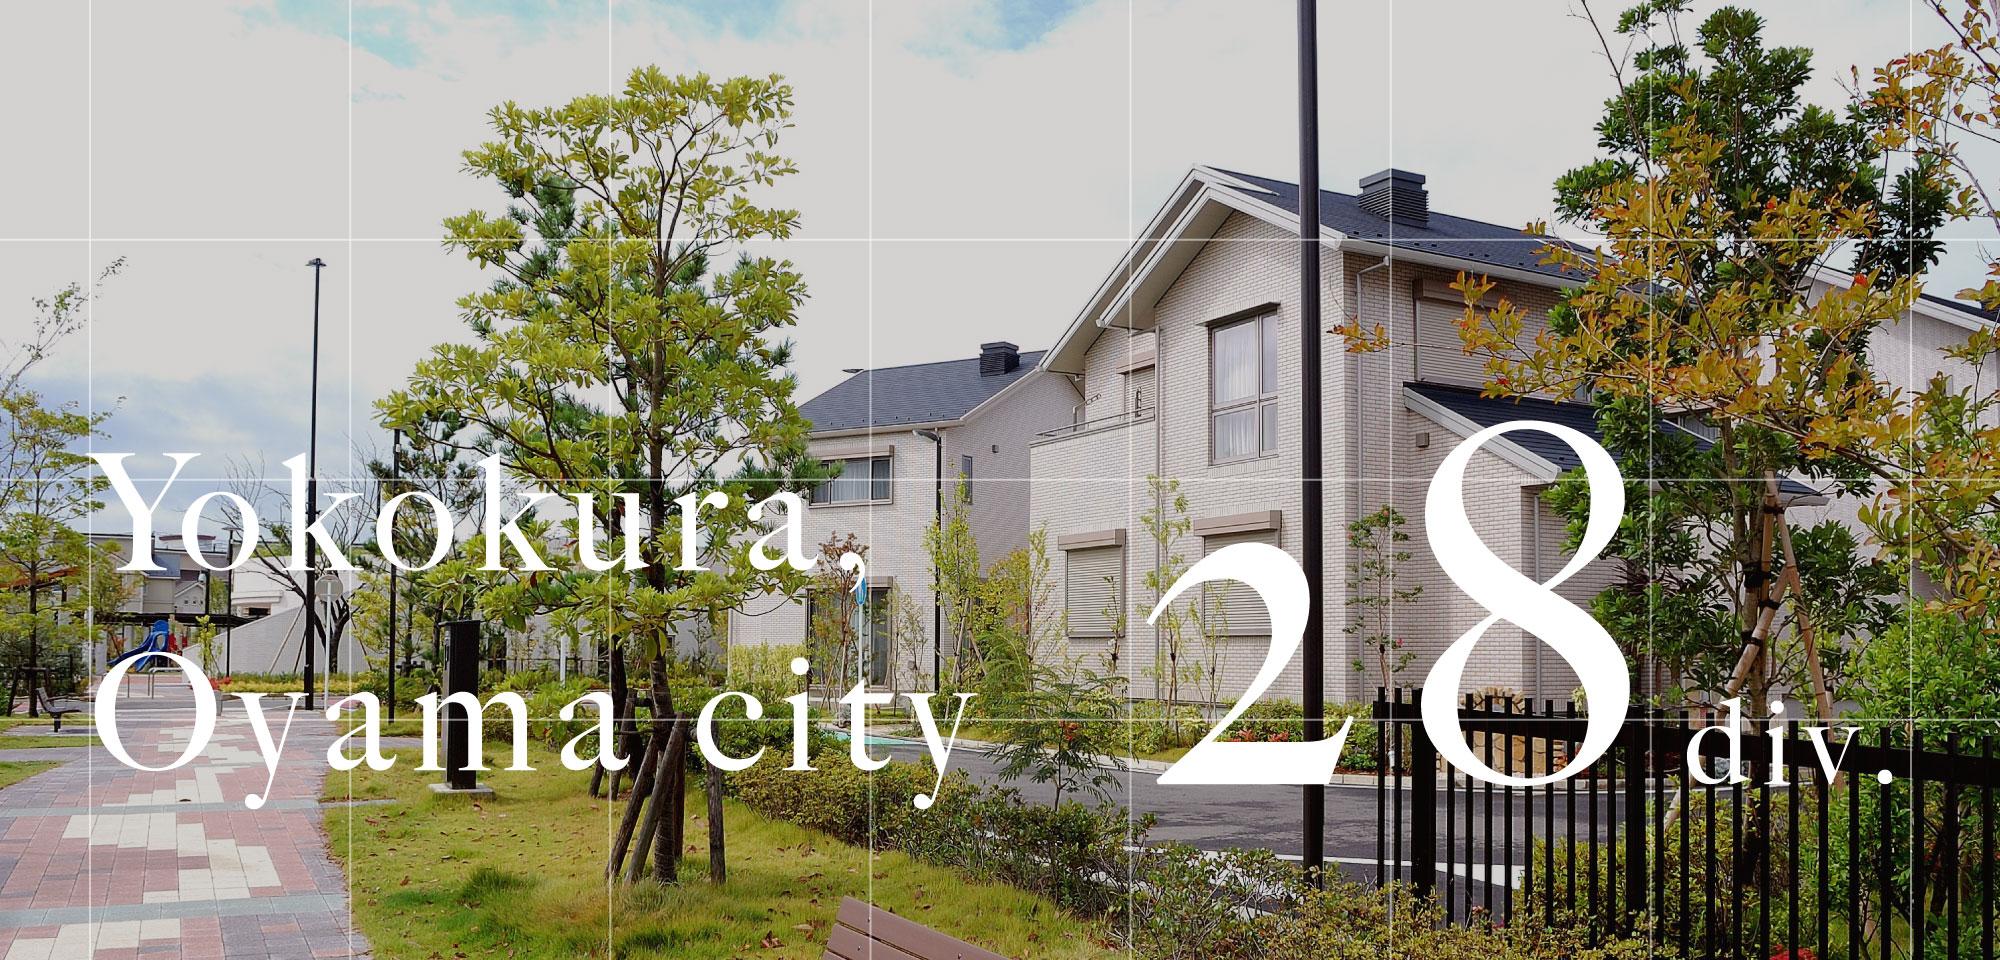 Yokokura,Oyama city 28div.